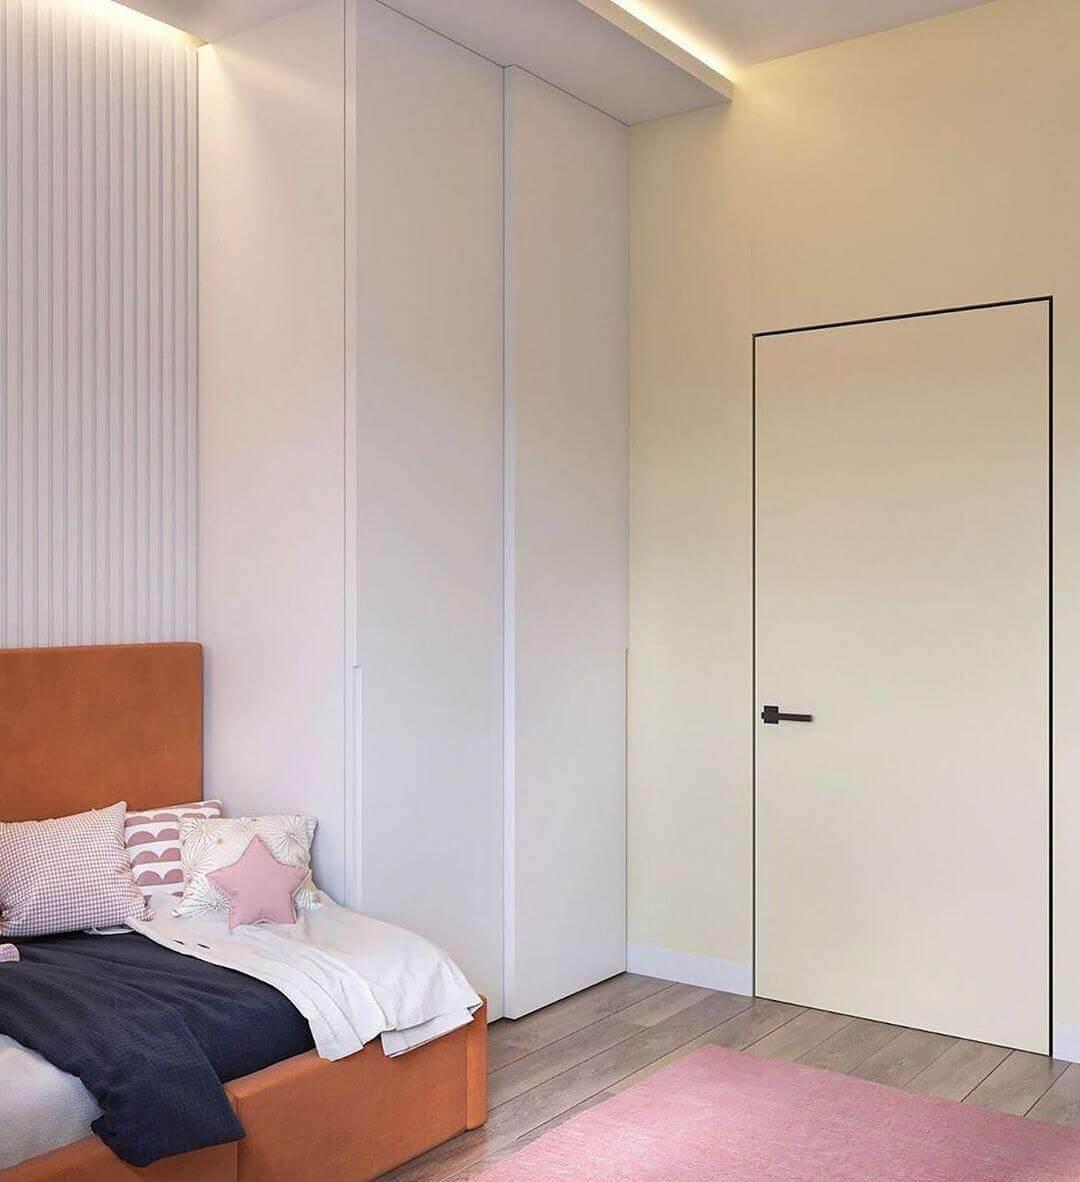 Дизайн спальни подростка в лаконичном стиле 4